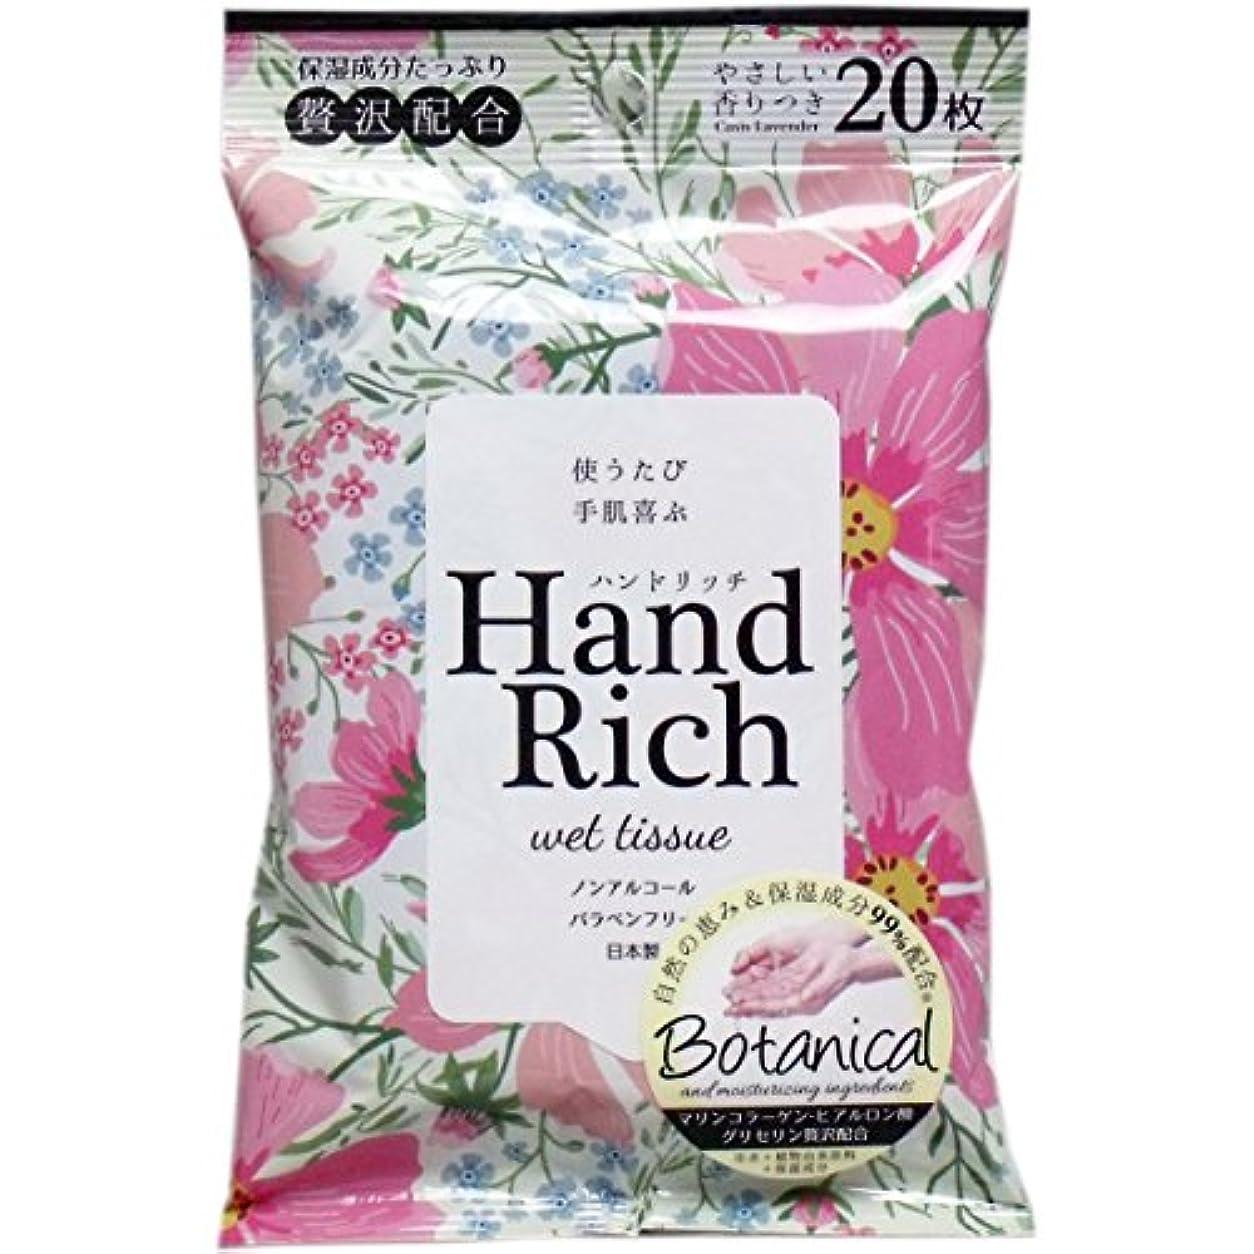 学部長楽しい甘美なハンドリッチ ウエットティシュー やさしい香り付 20枚入×20個セット